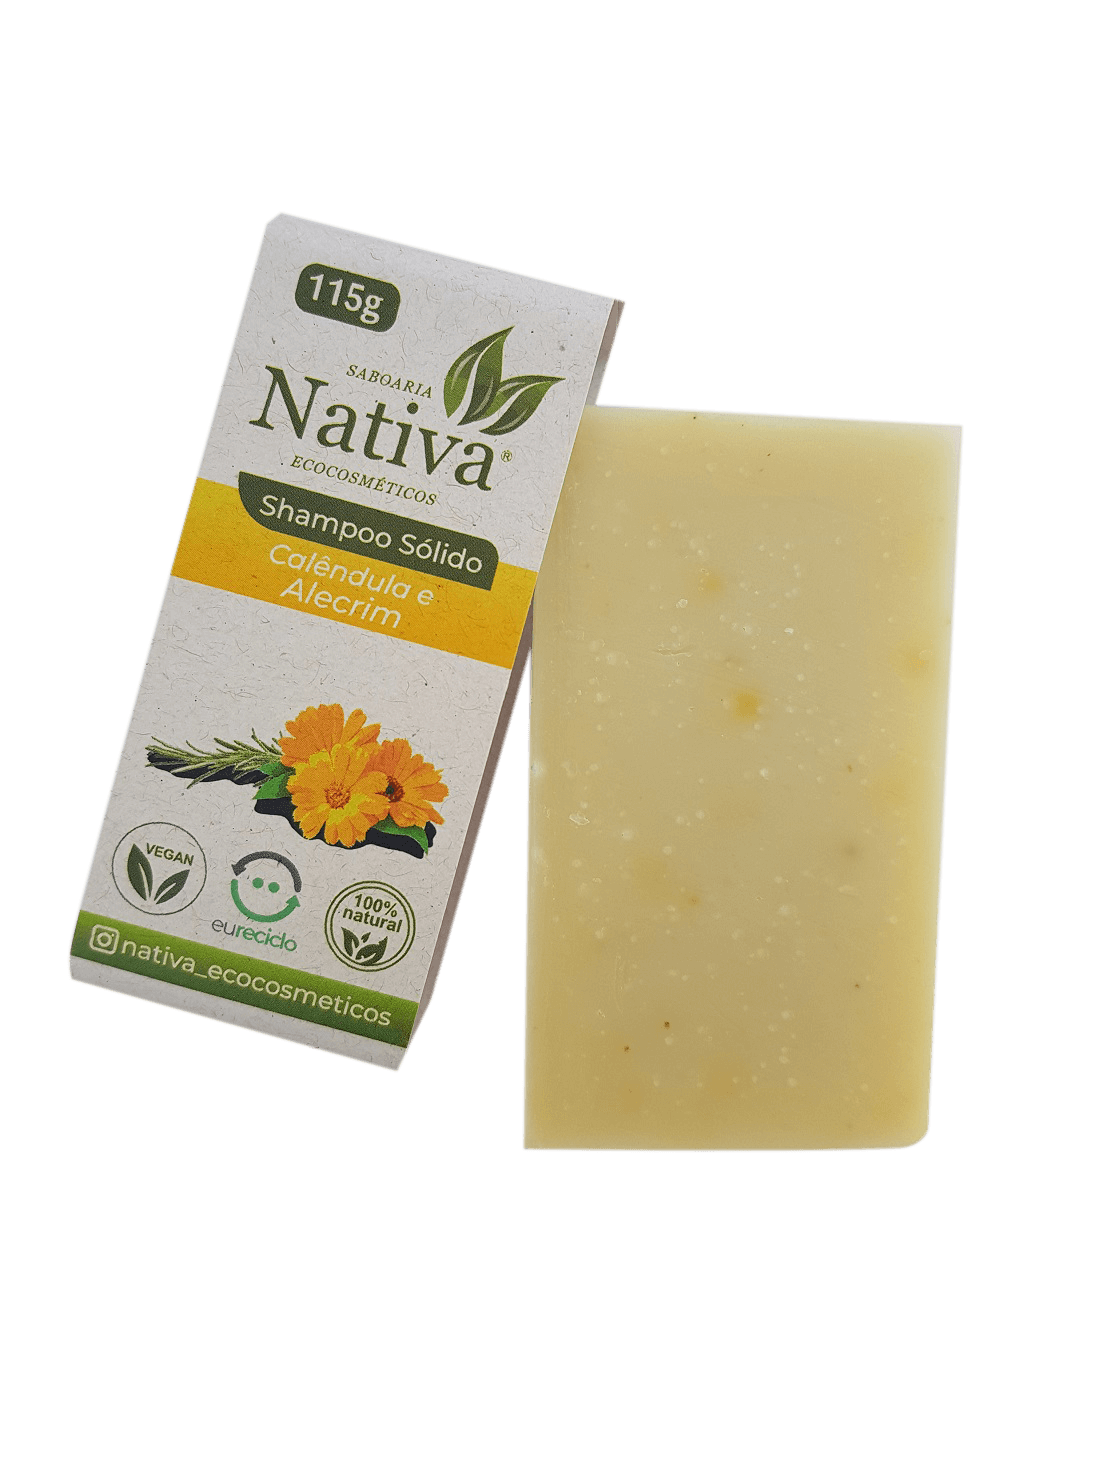 Shampoo Sólido - Calêndula e Alecrim Rosmarinus  - Saboaria Nativa Ecocosméticos